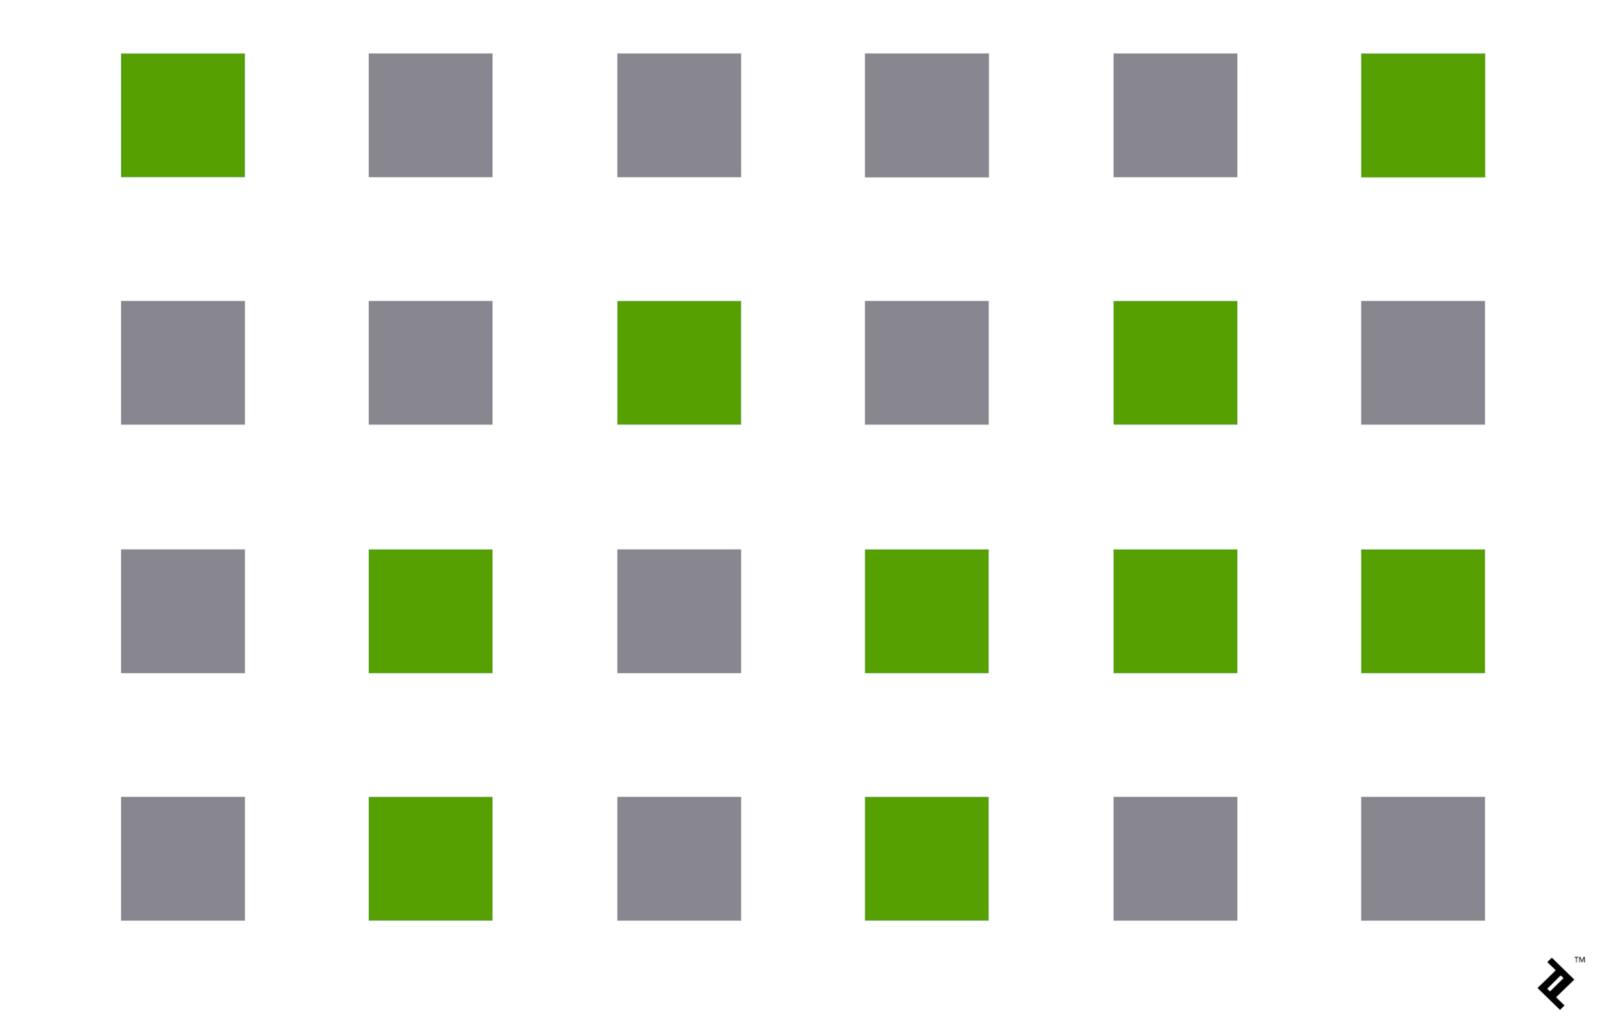 Các hình vuông ở đây đều như nhau cả về khoảng cách lẫn kích thước, tuy nhiên chúng ta lại tự động nhóm chúng theo màu sắc dù không có lí do gì cả